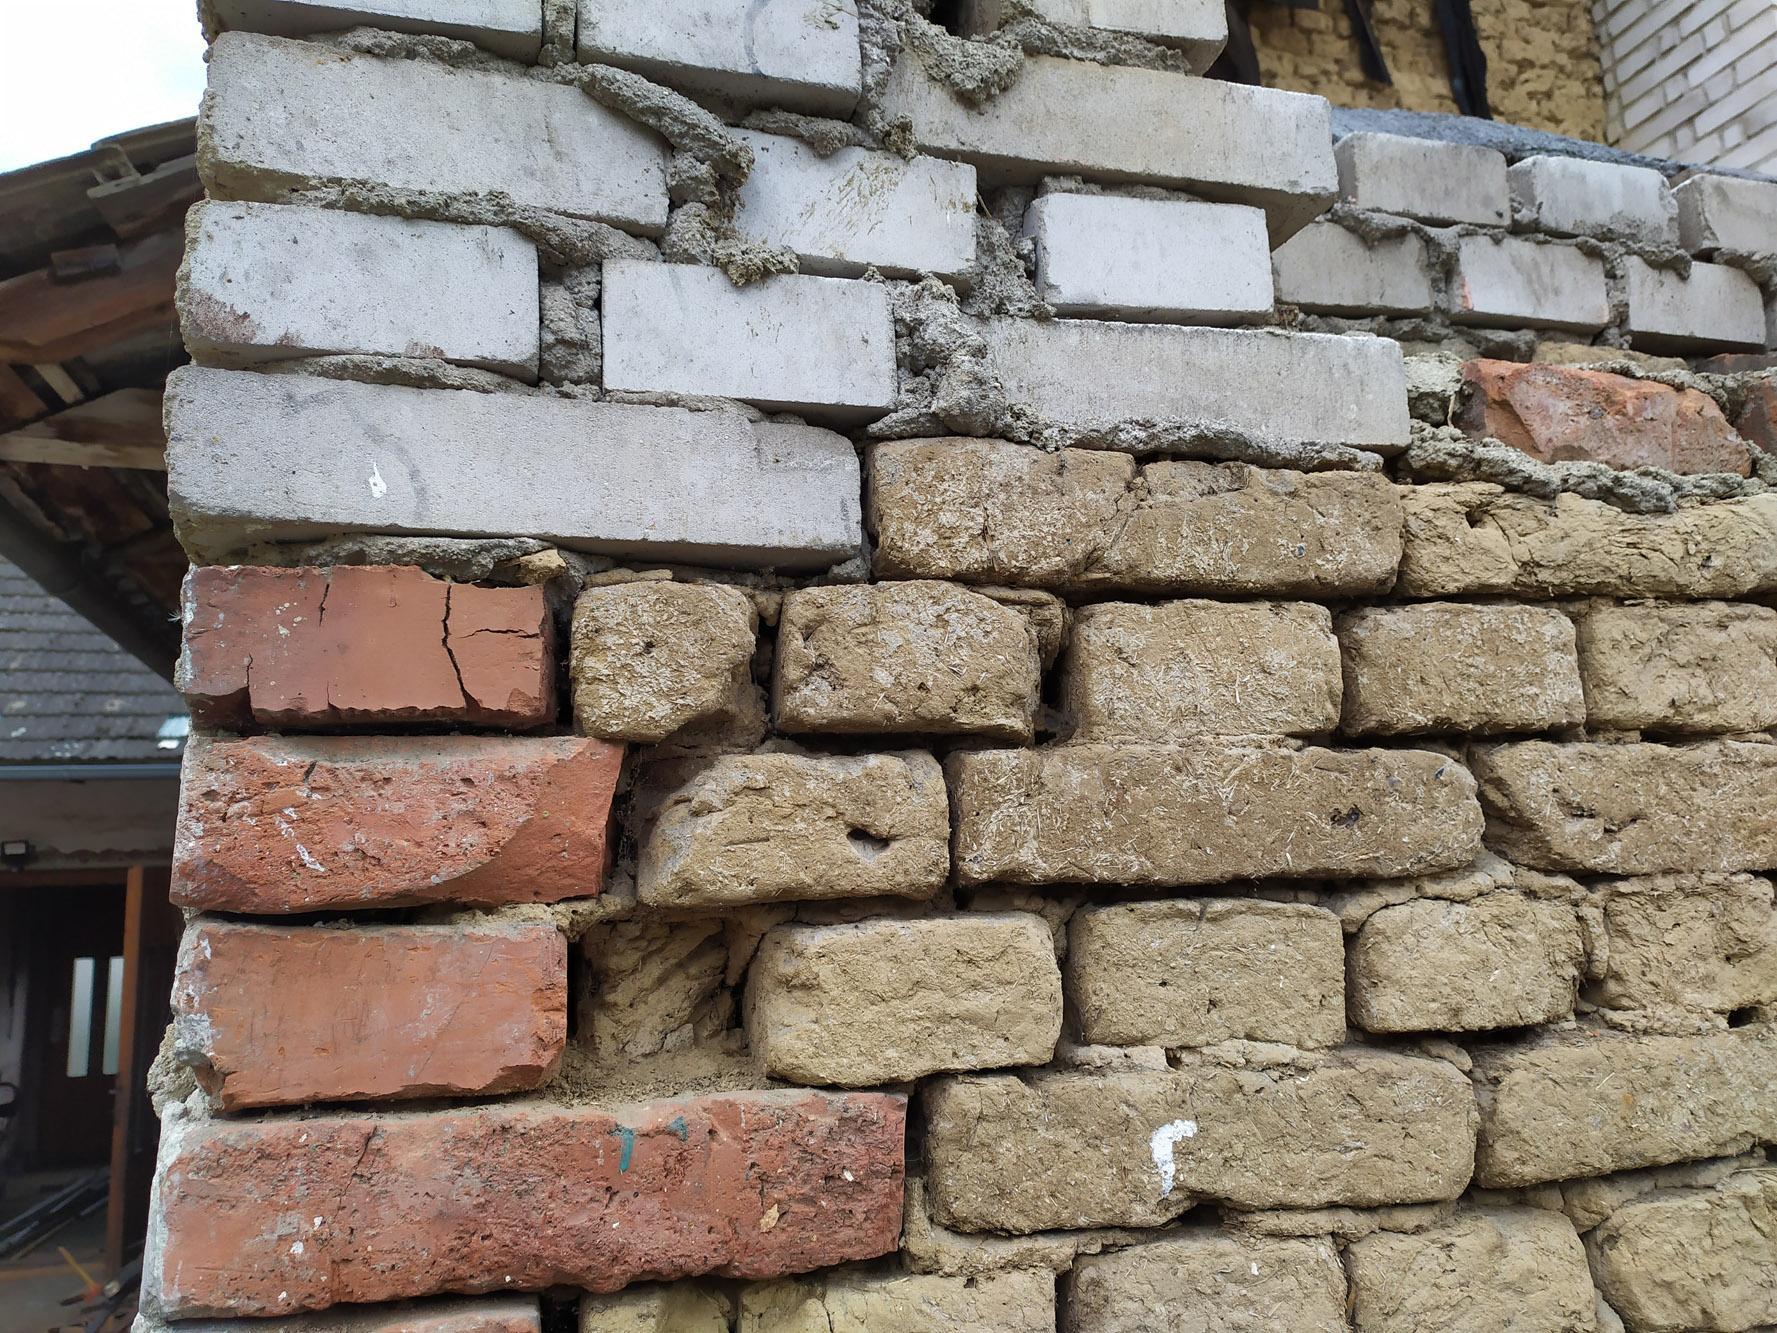 Bourání staré a stavba nové řadovky - Původní dům byl opravdu mix všeho, co se našlo